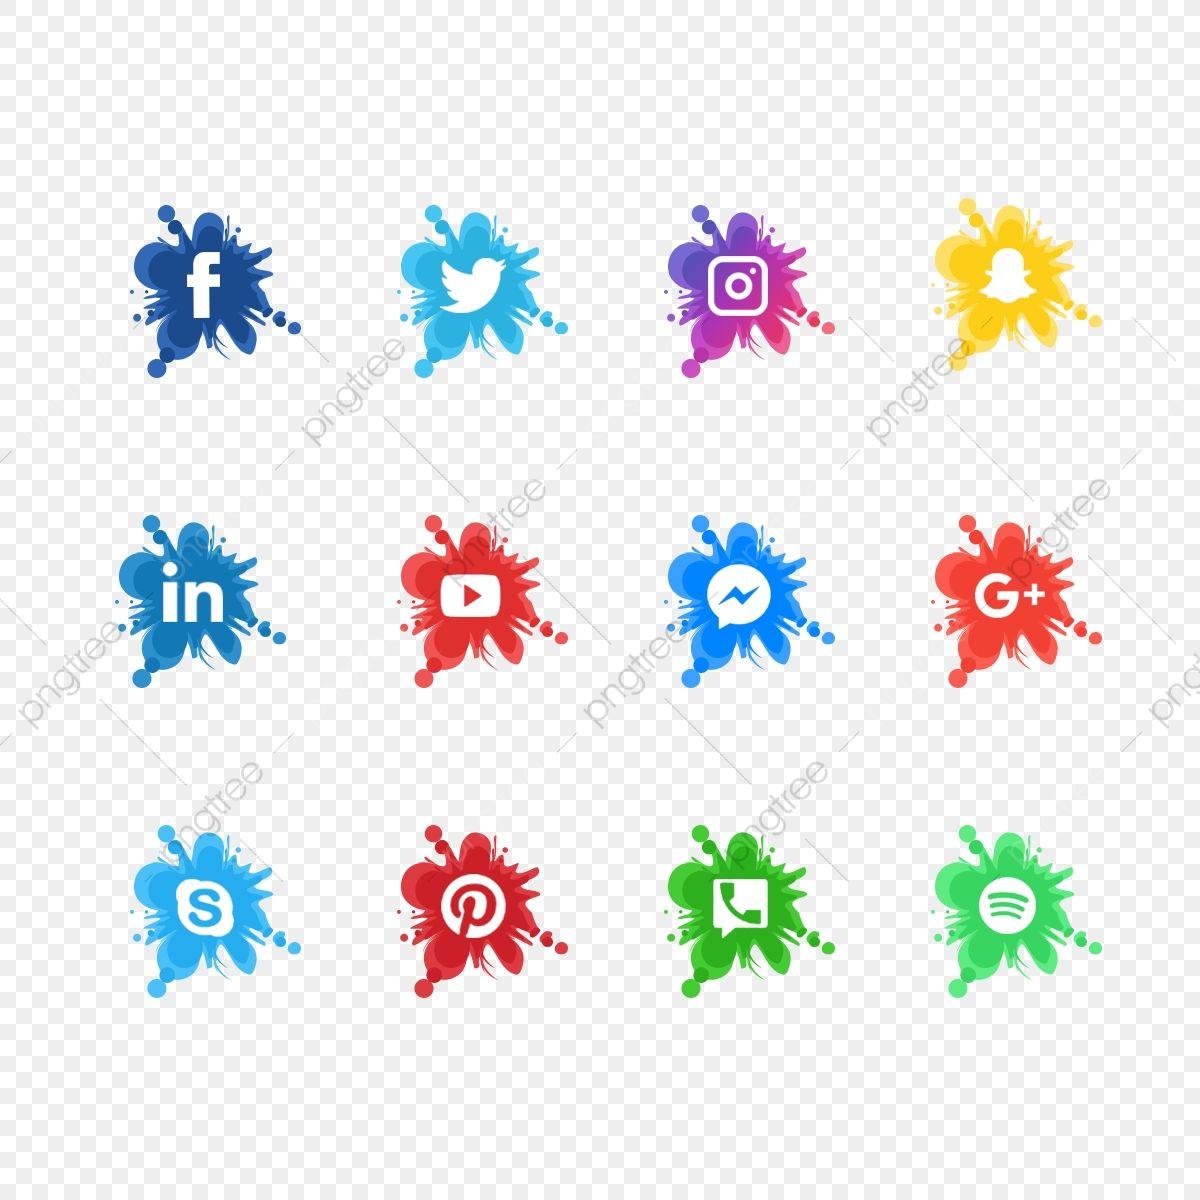 الرموز وسائل الإعلام الاجتماعية الملونة وسائل التواصل الاجتماعي شعار وسائل التواصل الاجتماعي تعيين رمز وسائل التواصل الاجتماعي Png صورة للتحميل مجانا Social Media Logos Social Media Icons Media Icon